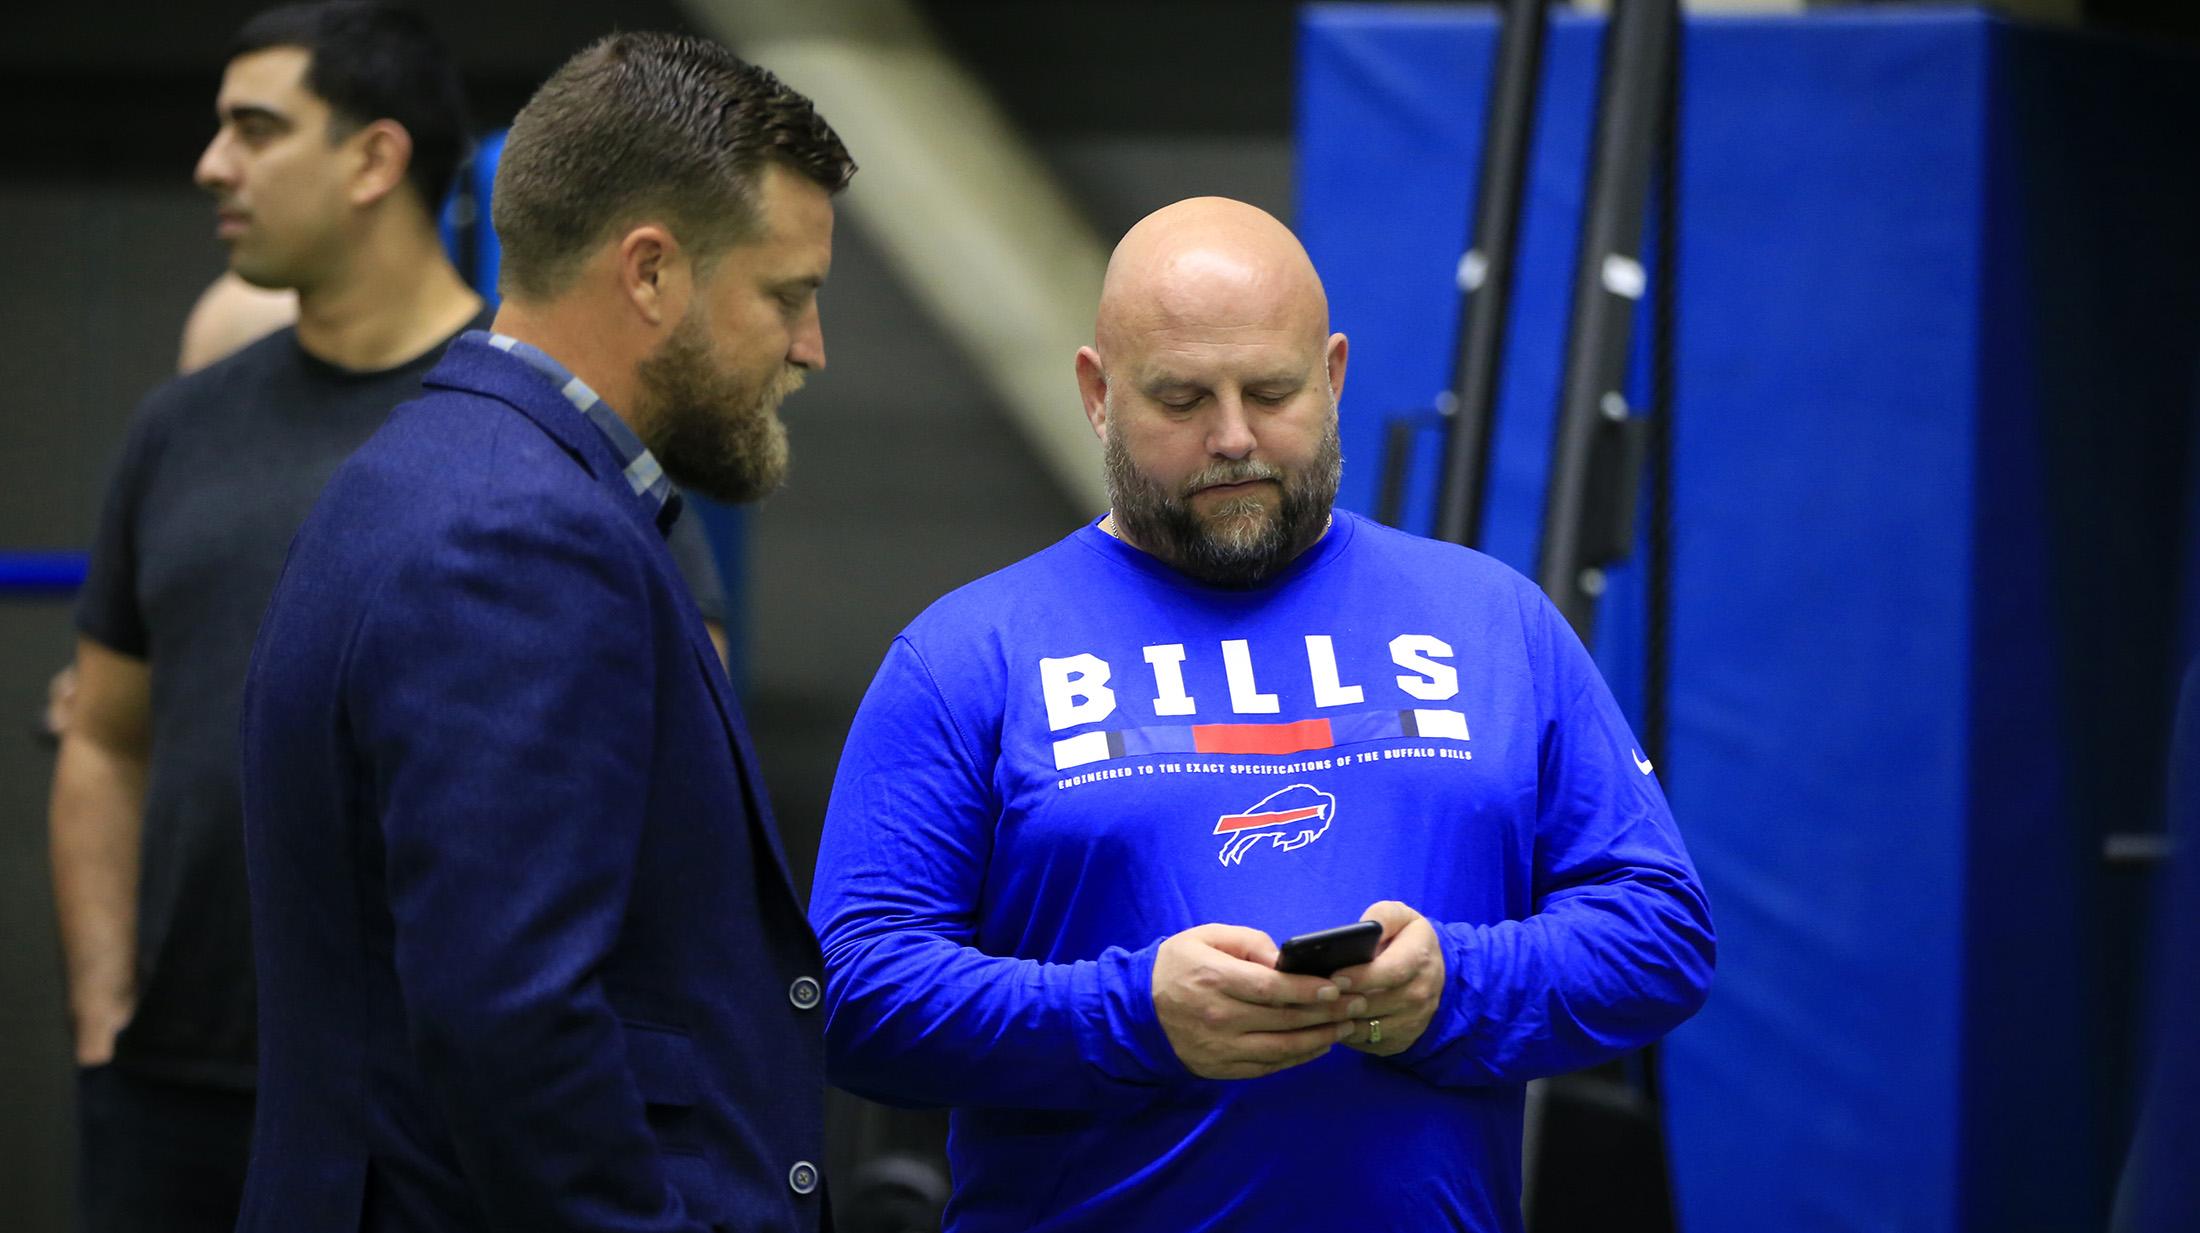 Bills OC Brian Daboll talks to former QB Ryan Fitzpatrick on Jan. 29. (Harry Scull Jr./News file photo)